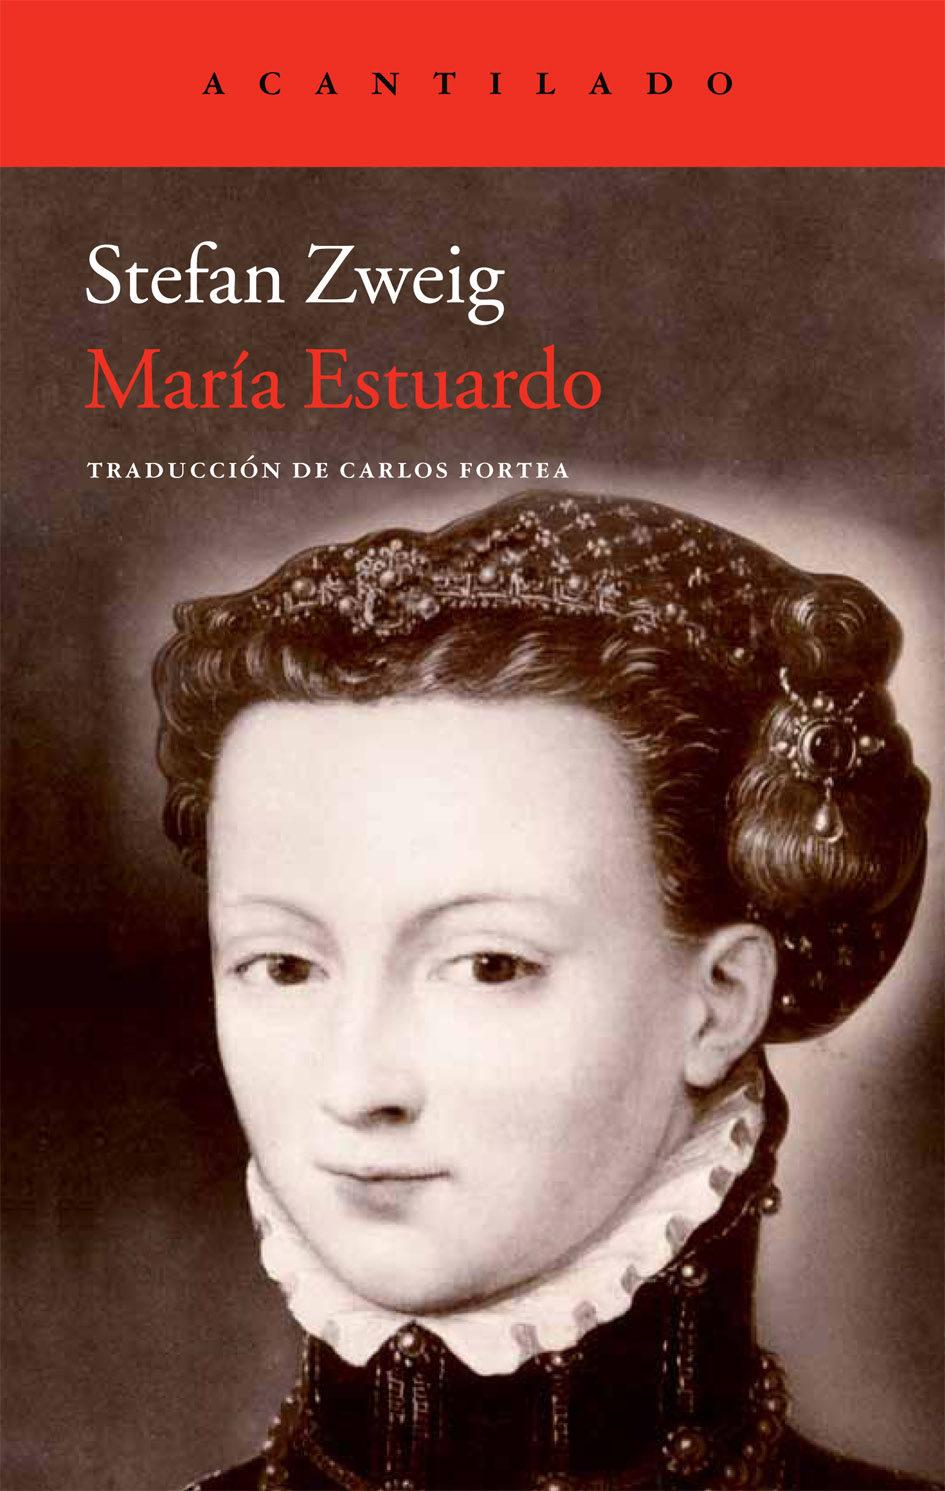 maria estuardo-stefan zweig-9788415689294